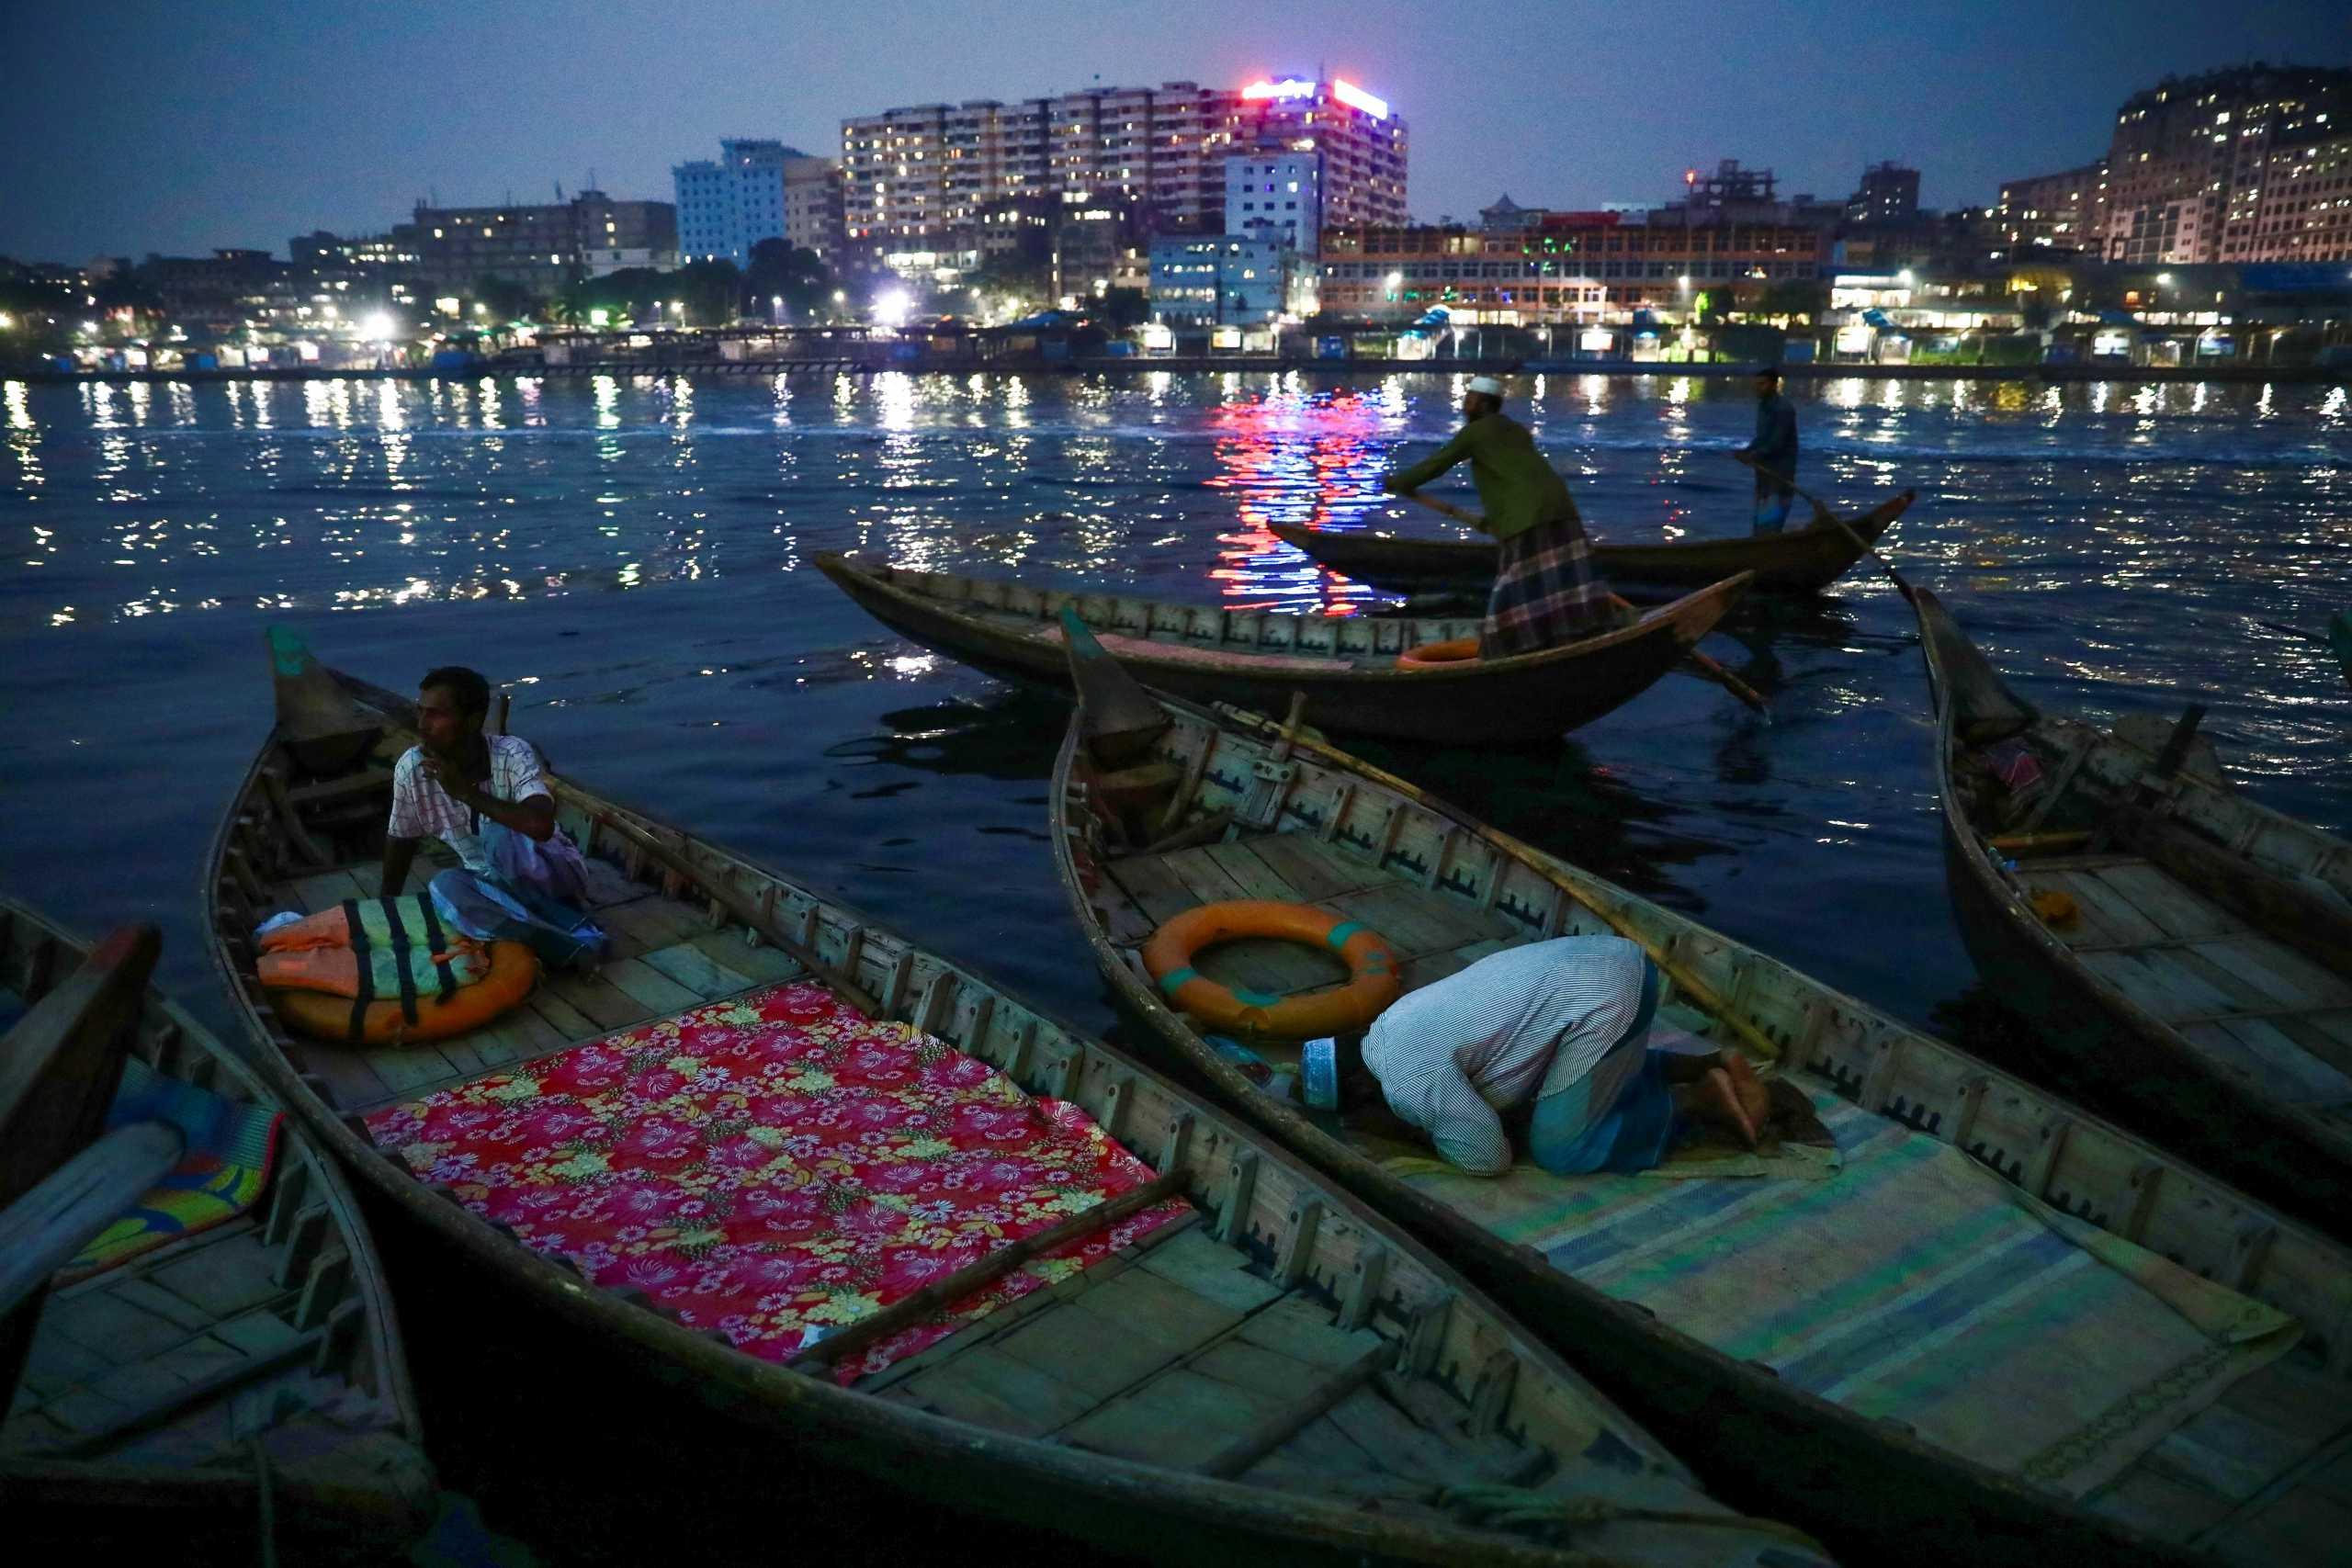 Τραγωδία στο Μπαγκλαντές: 25 νεκροί σε σύγκρουση πλοίων